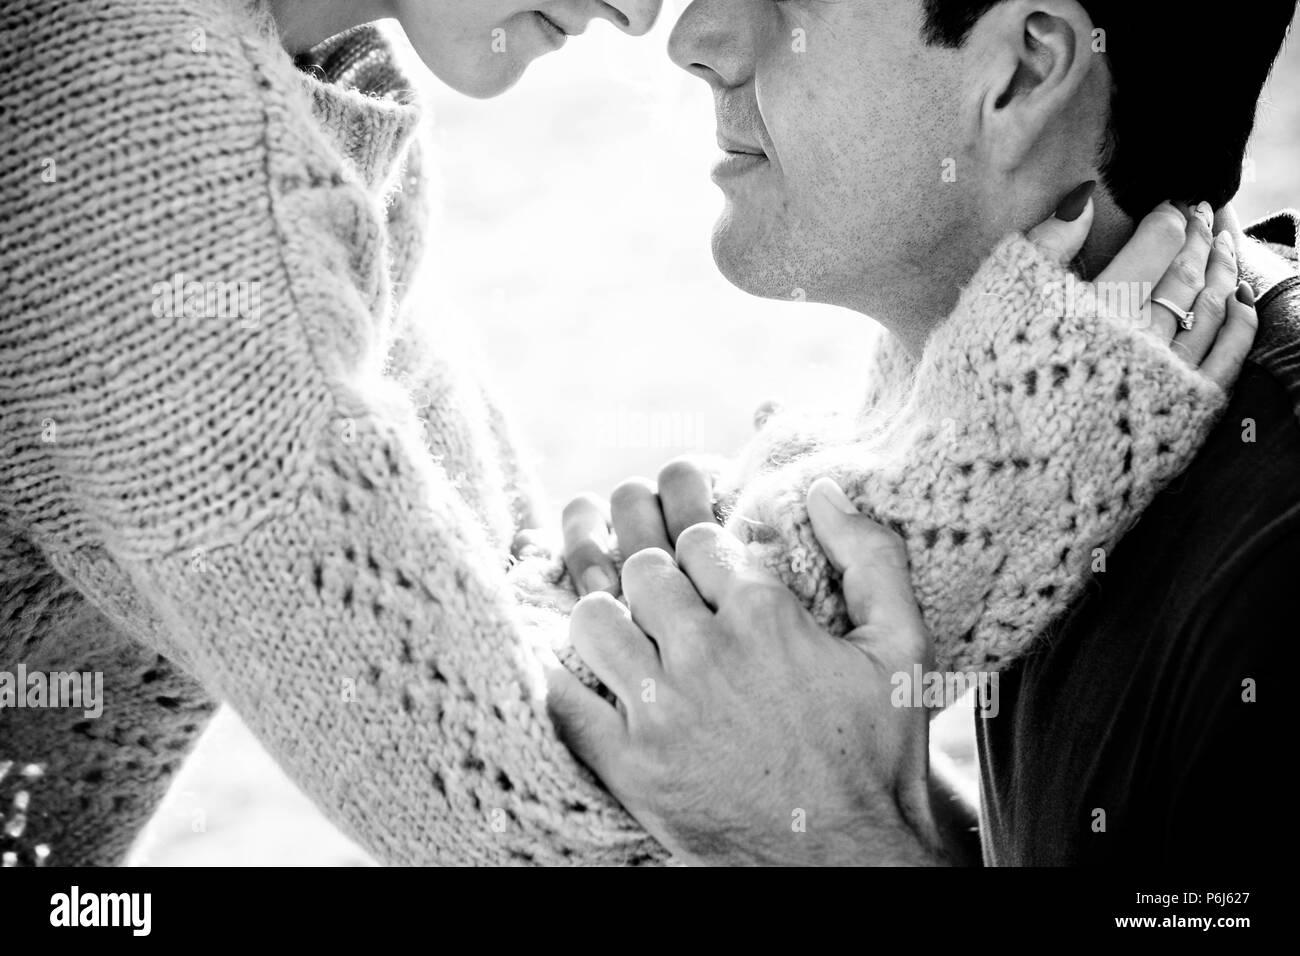 Couple de blancs model homme et femme hug et l'amour avec passion en prenant eux-mêmes et rester près des lèvres à lèvres. petit sourire et relever ensemble dans un t Photo Stock